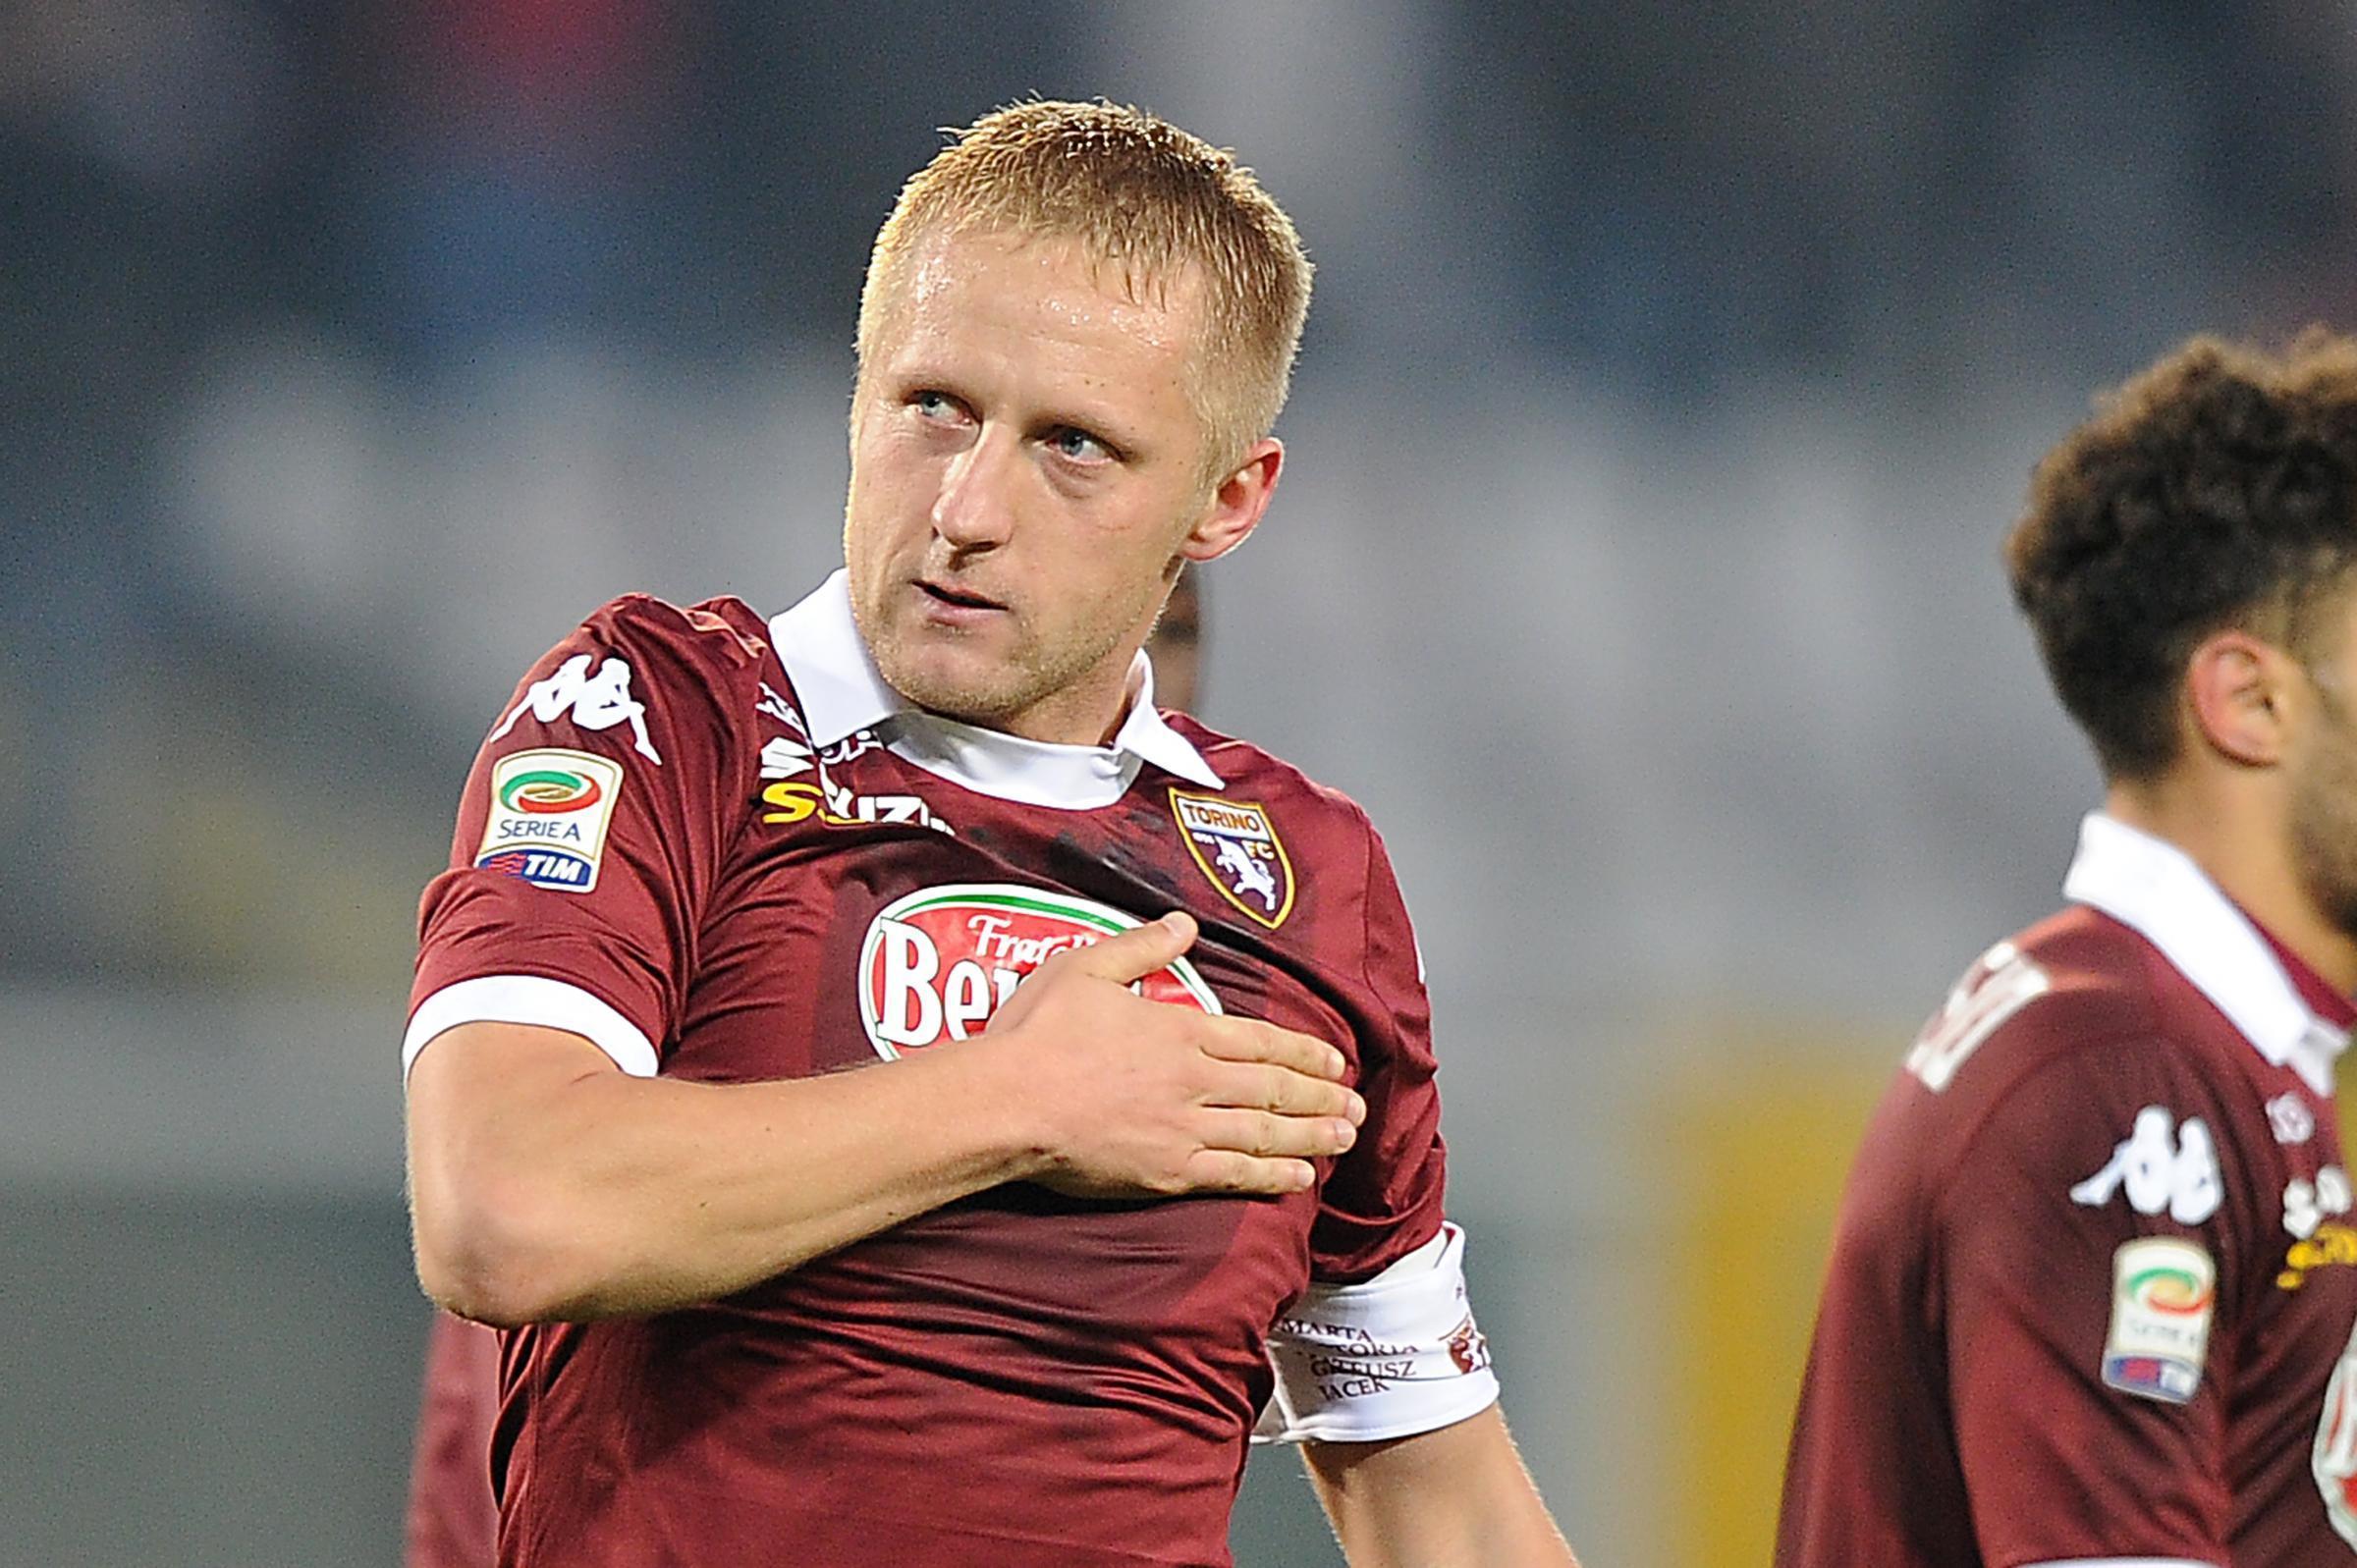 Capitan Glik miglior difensore goleador d'Europa